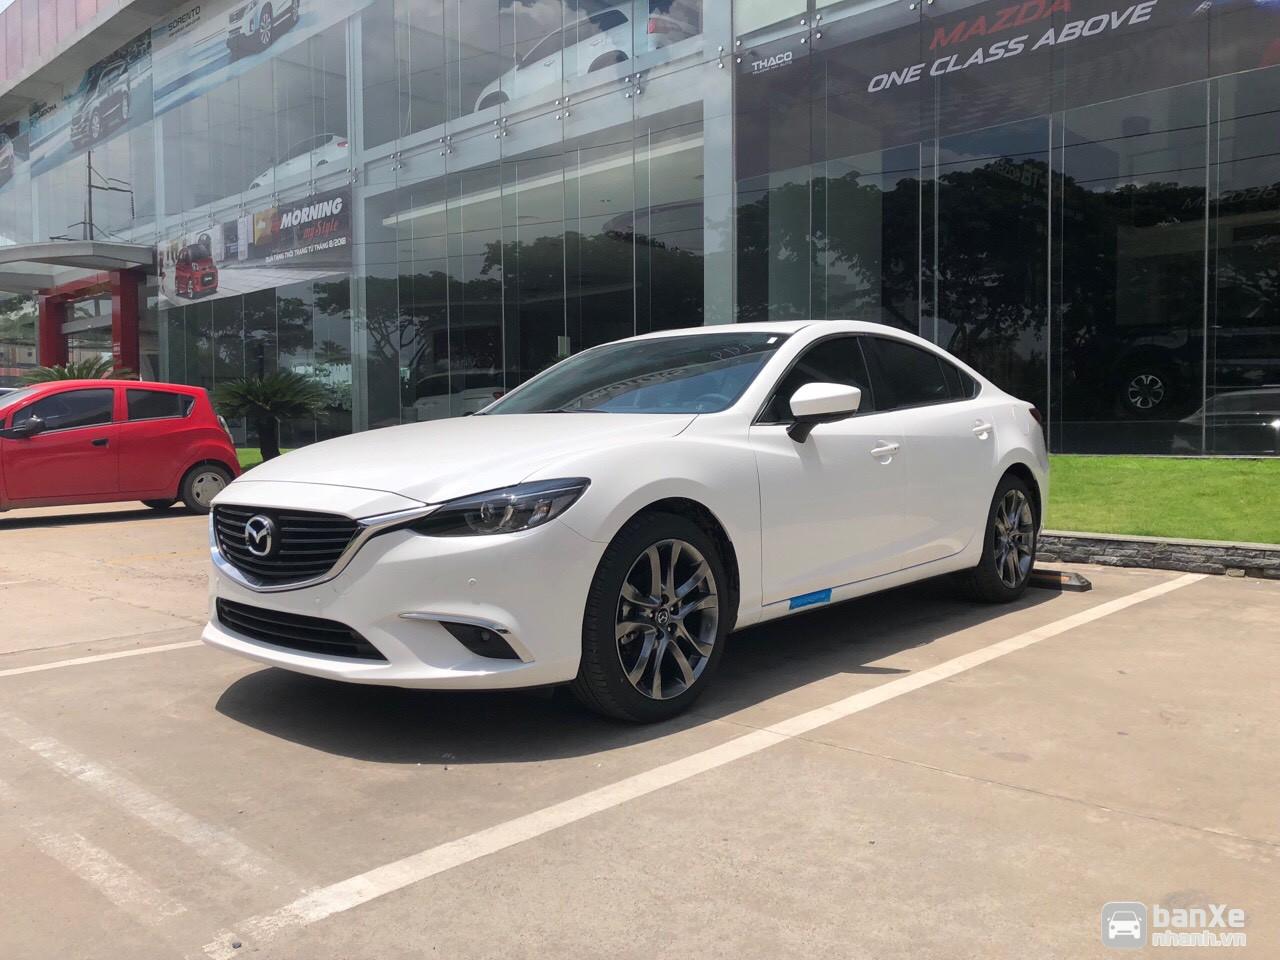 Mazda 3 Lux 2019 - Giá BÁN THẤP - Hỗ Trợ Bank 85% - 0909324410 Hiếu